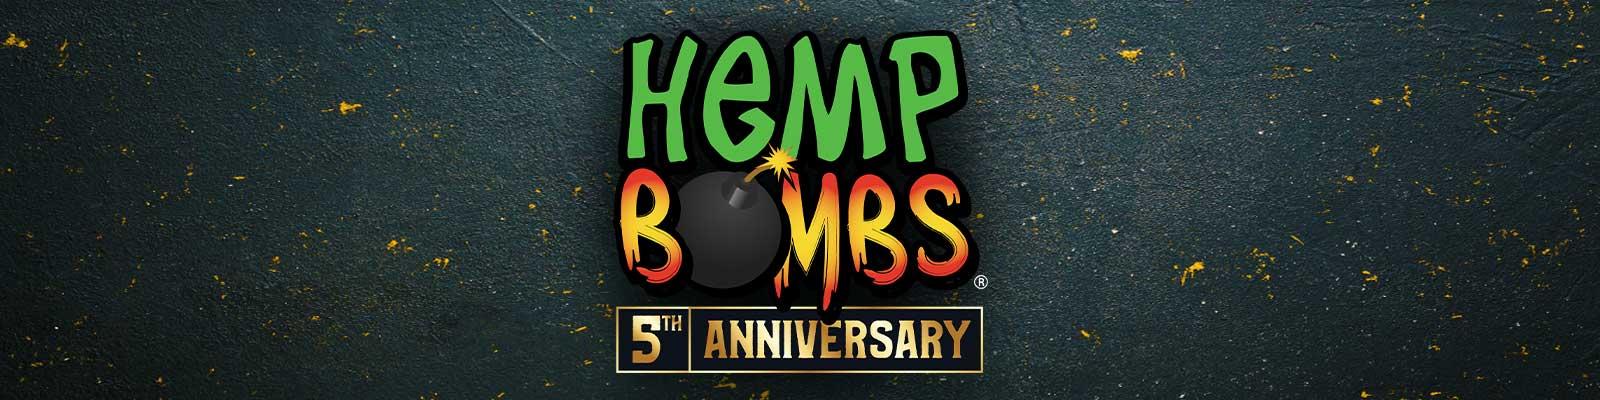 Hemp Bombs 5-Year Anniversary Banner